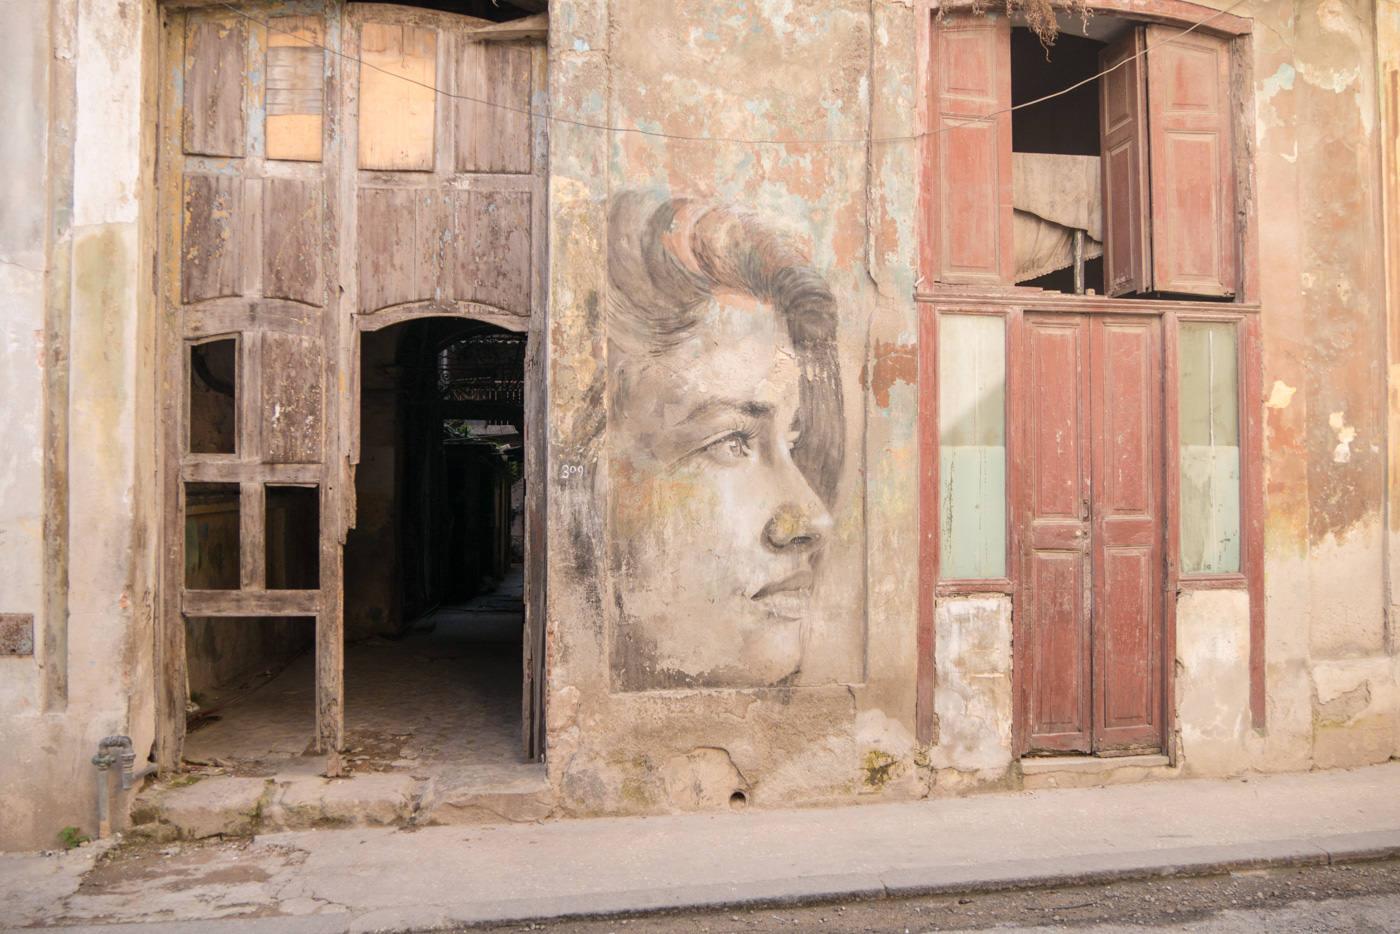 Mural in Havanna